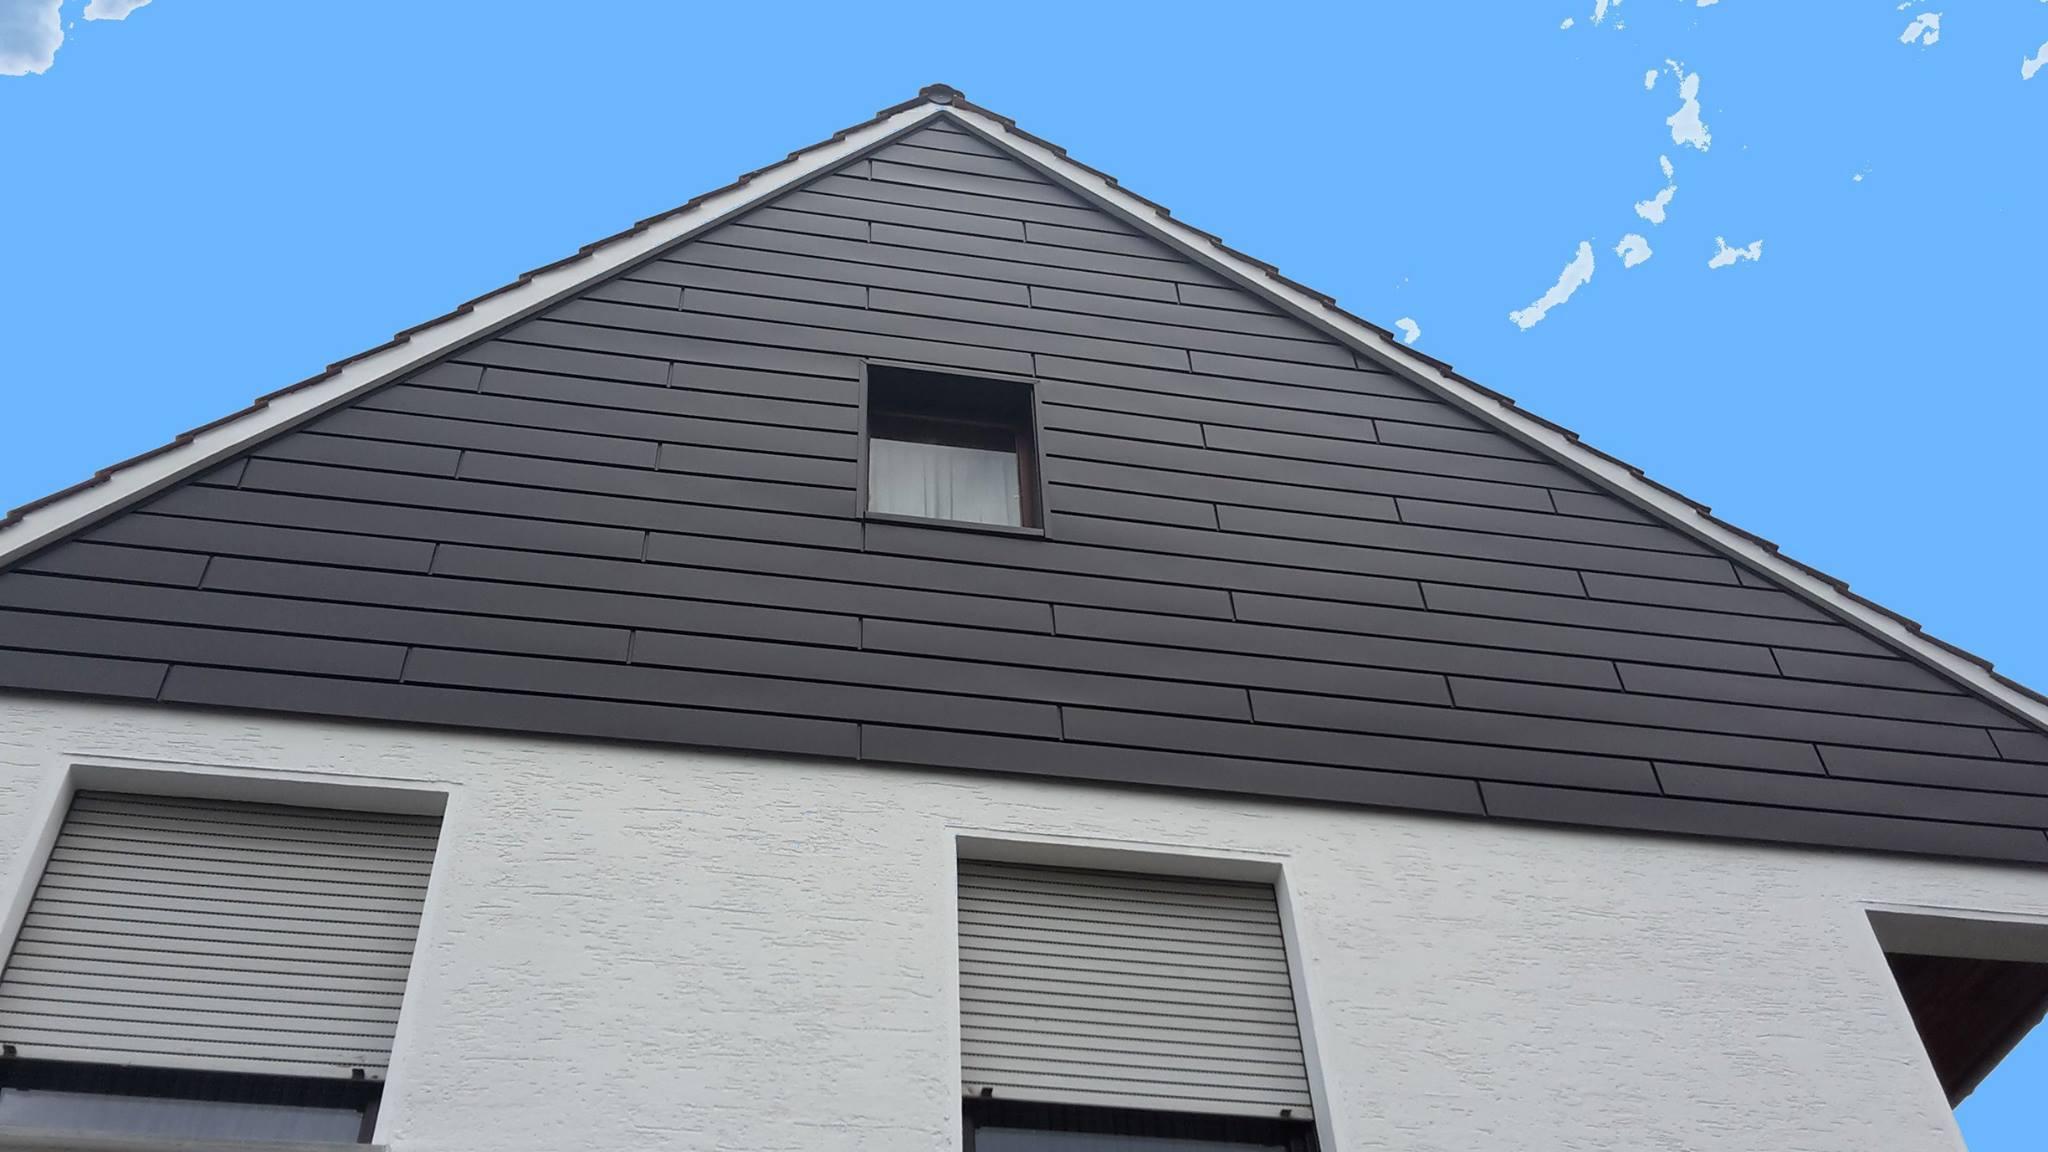 Hauspaneel von haushaut - Das Fassadensystem